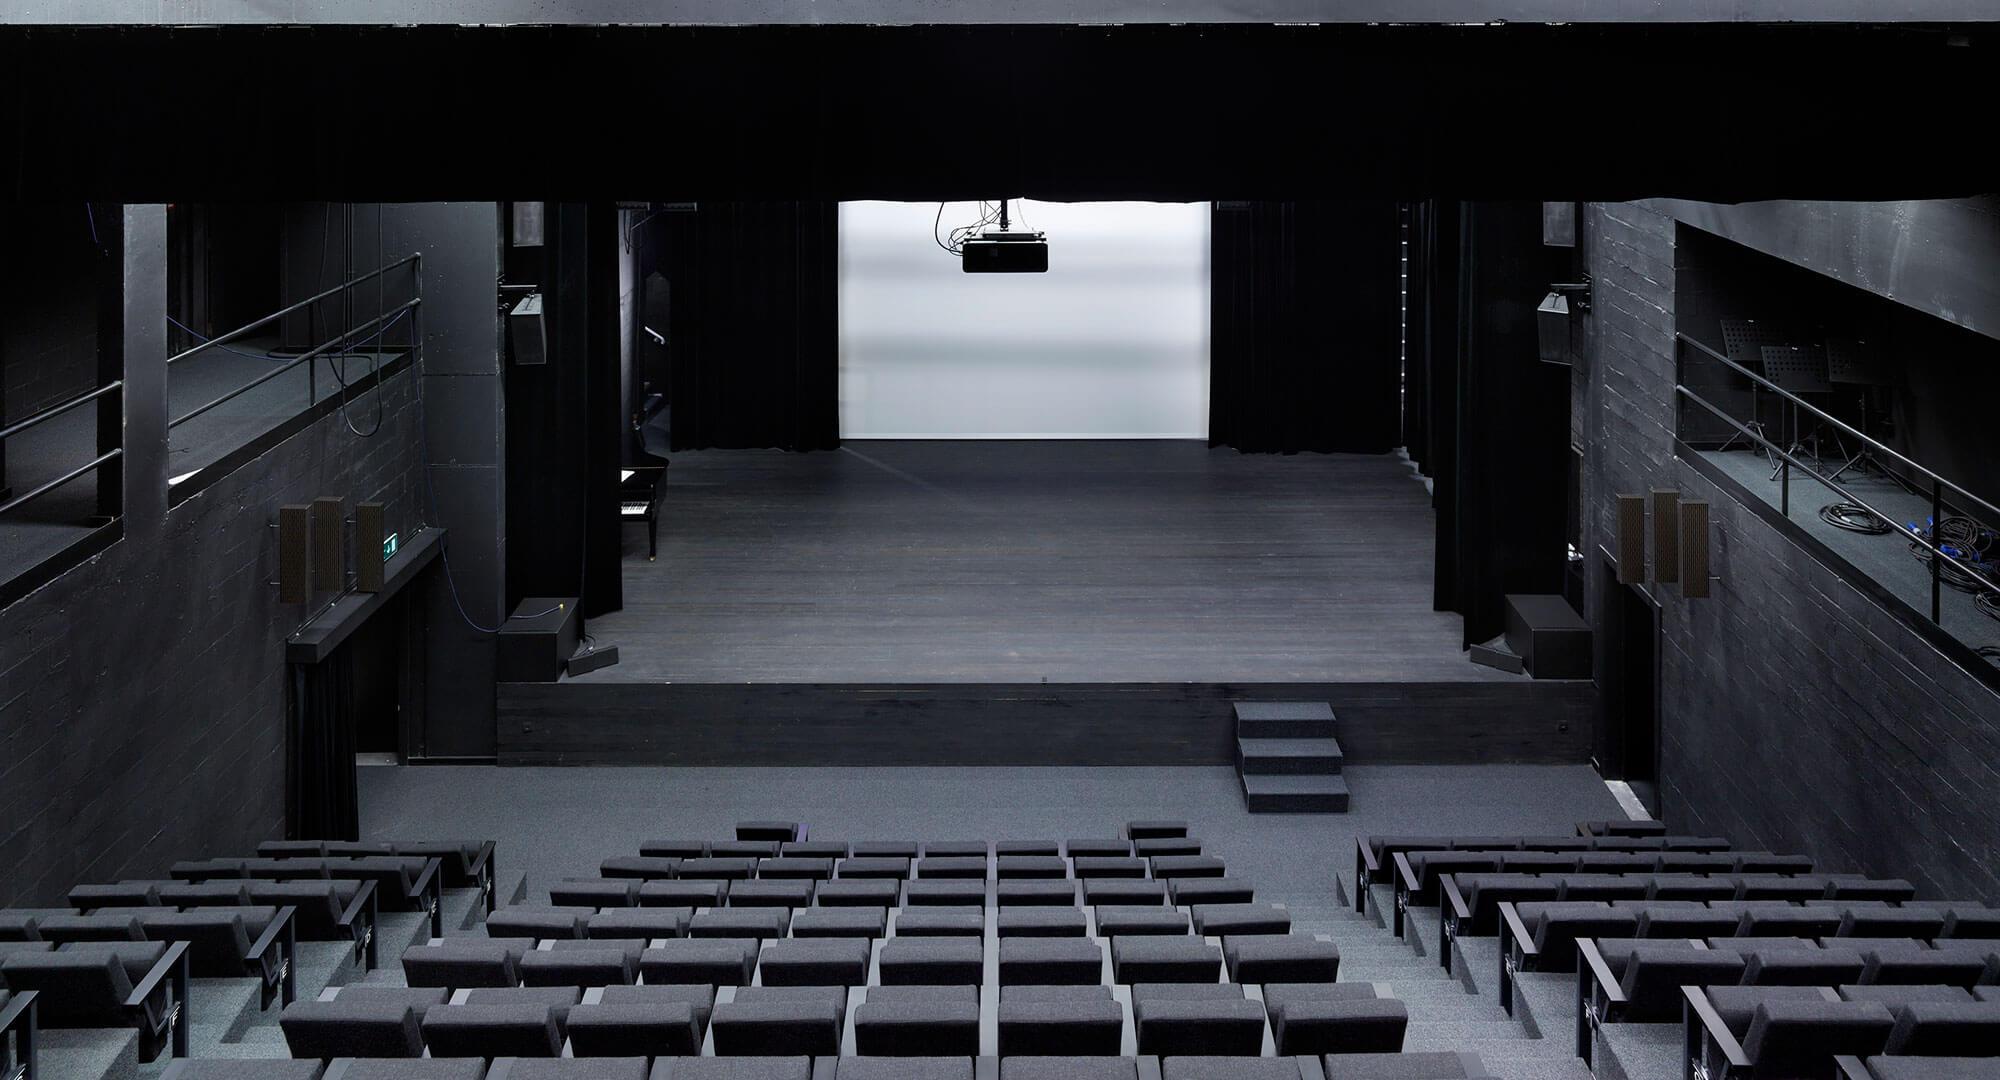 Beeld van het podium. De volledige zaal werd in zwart afgewerkt voor een uniforme en strakke look.